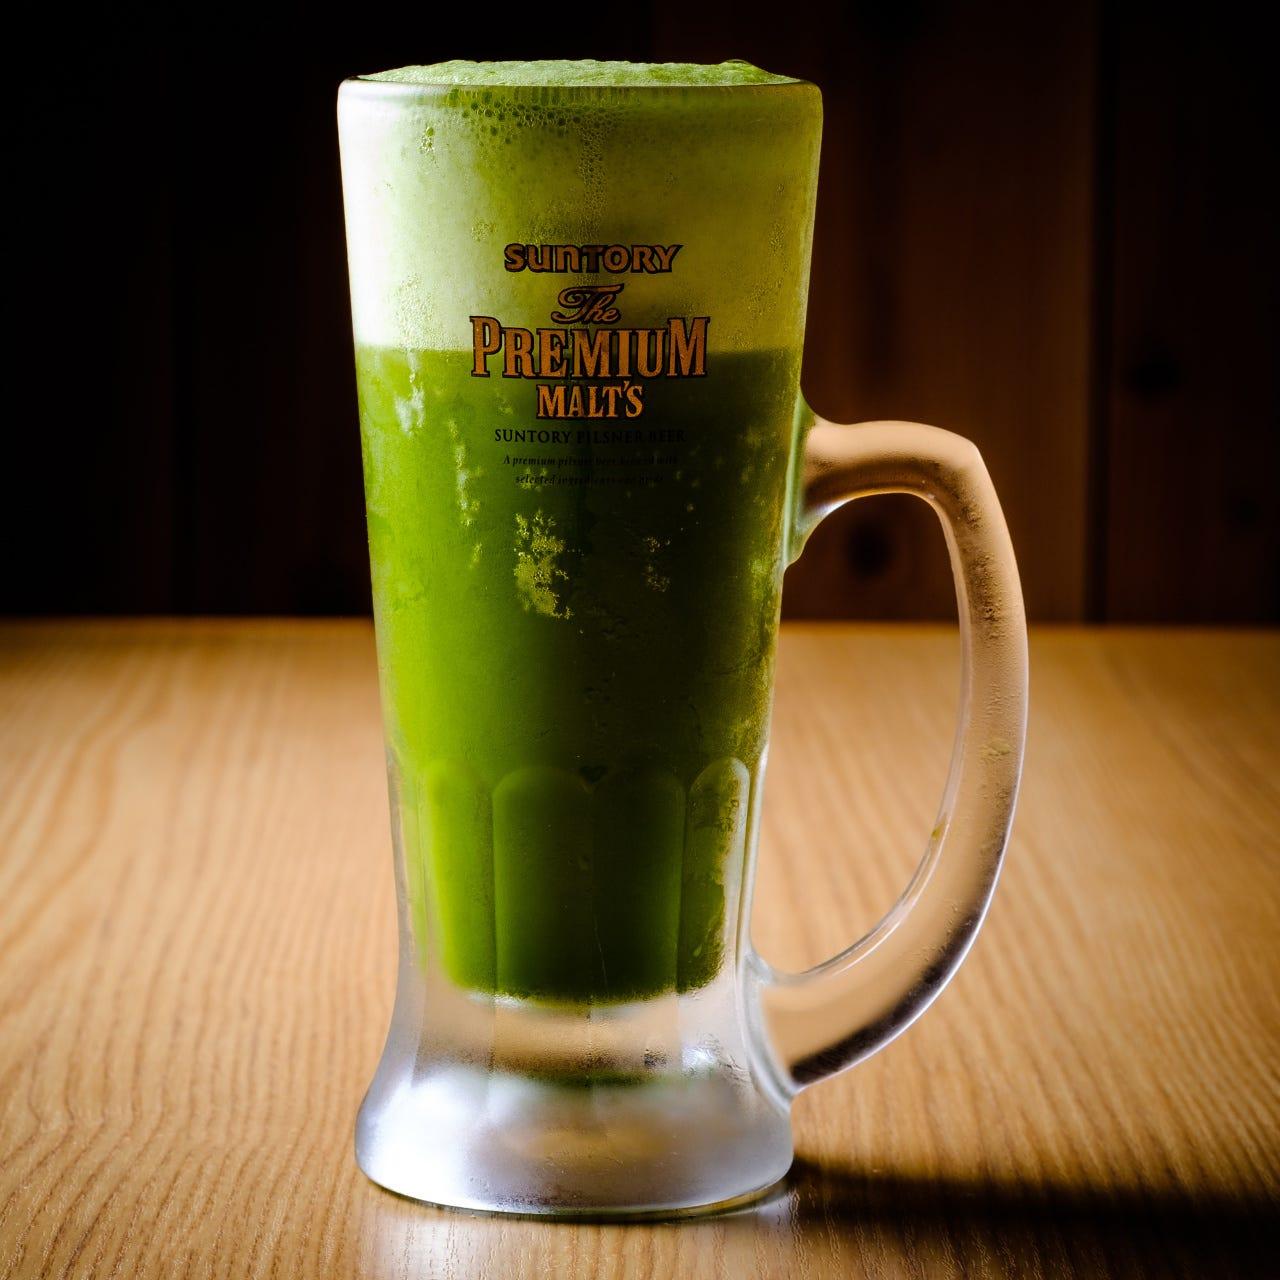 抹茶×ビール】美味しい♪♪こだわりの抹茶を使用した抹茶ビール